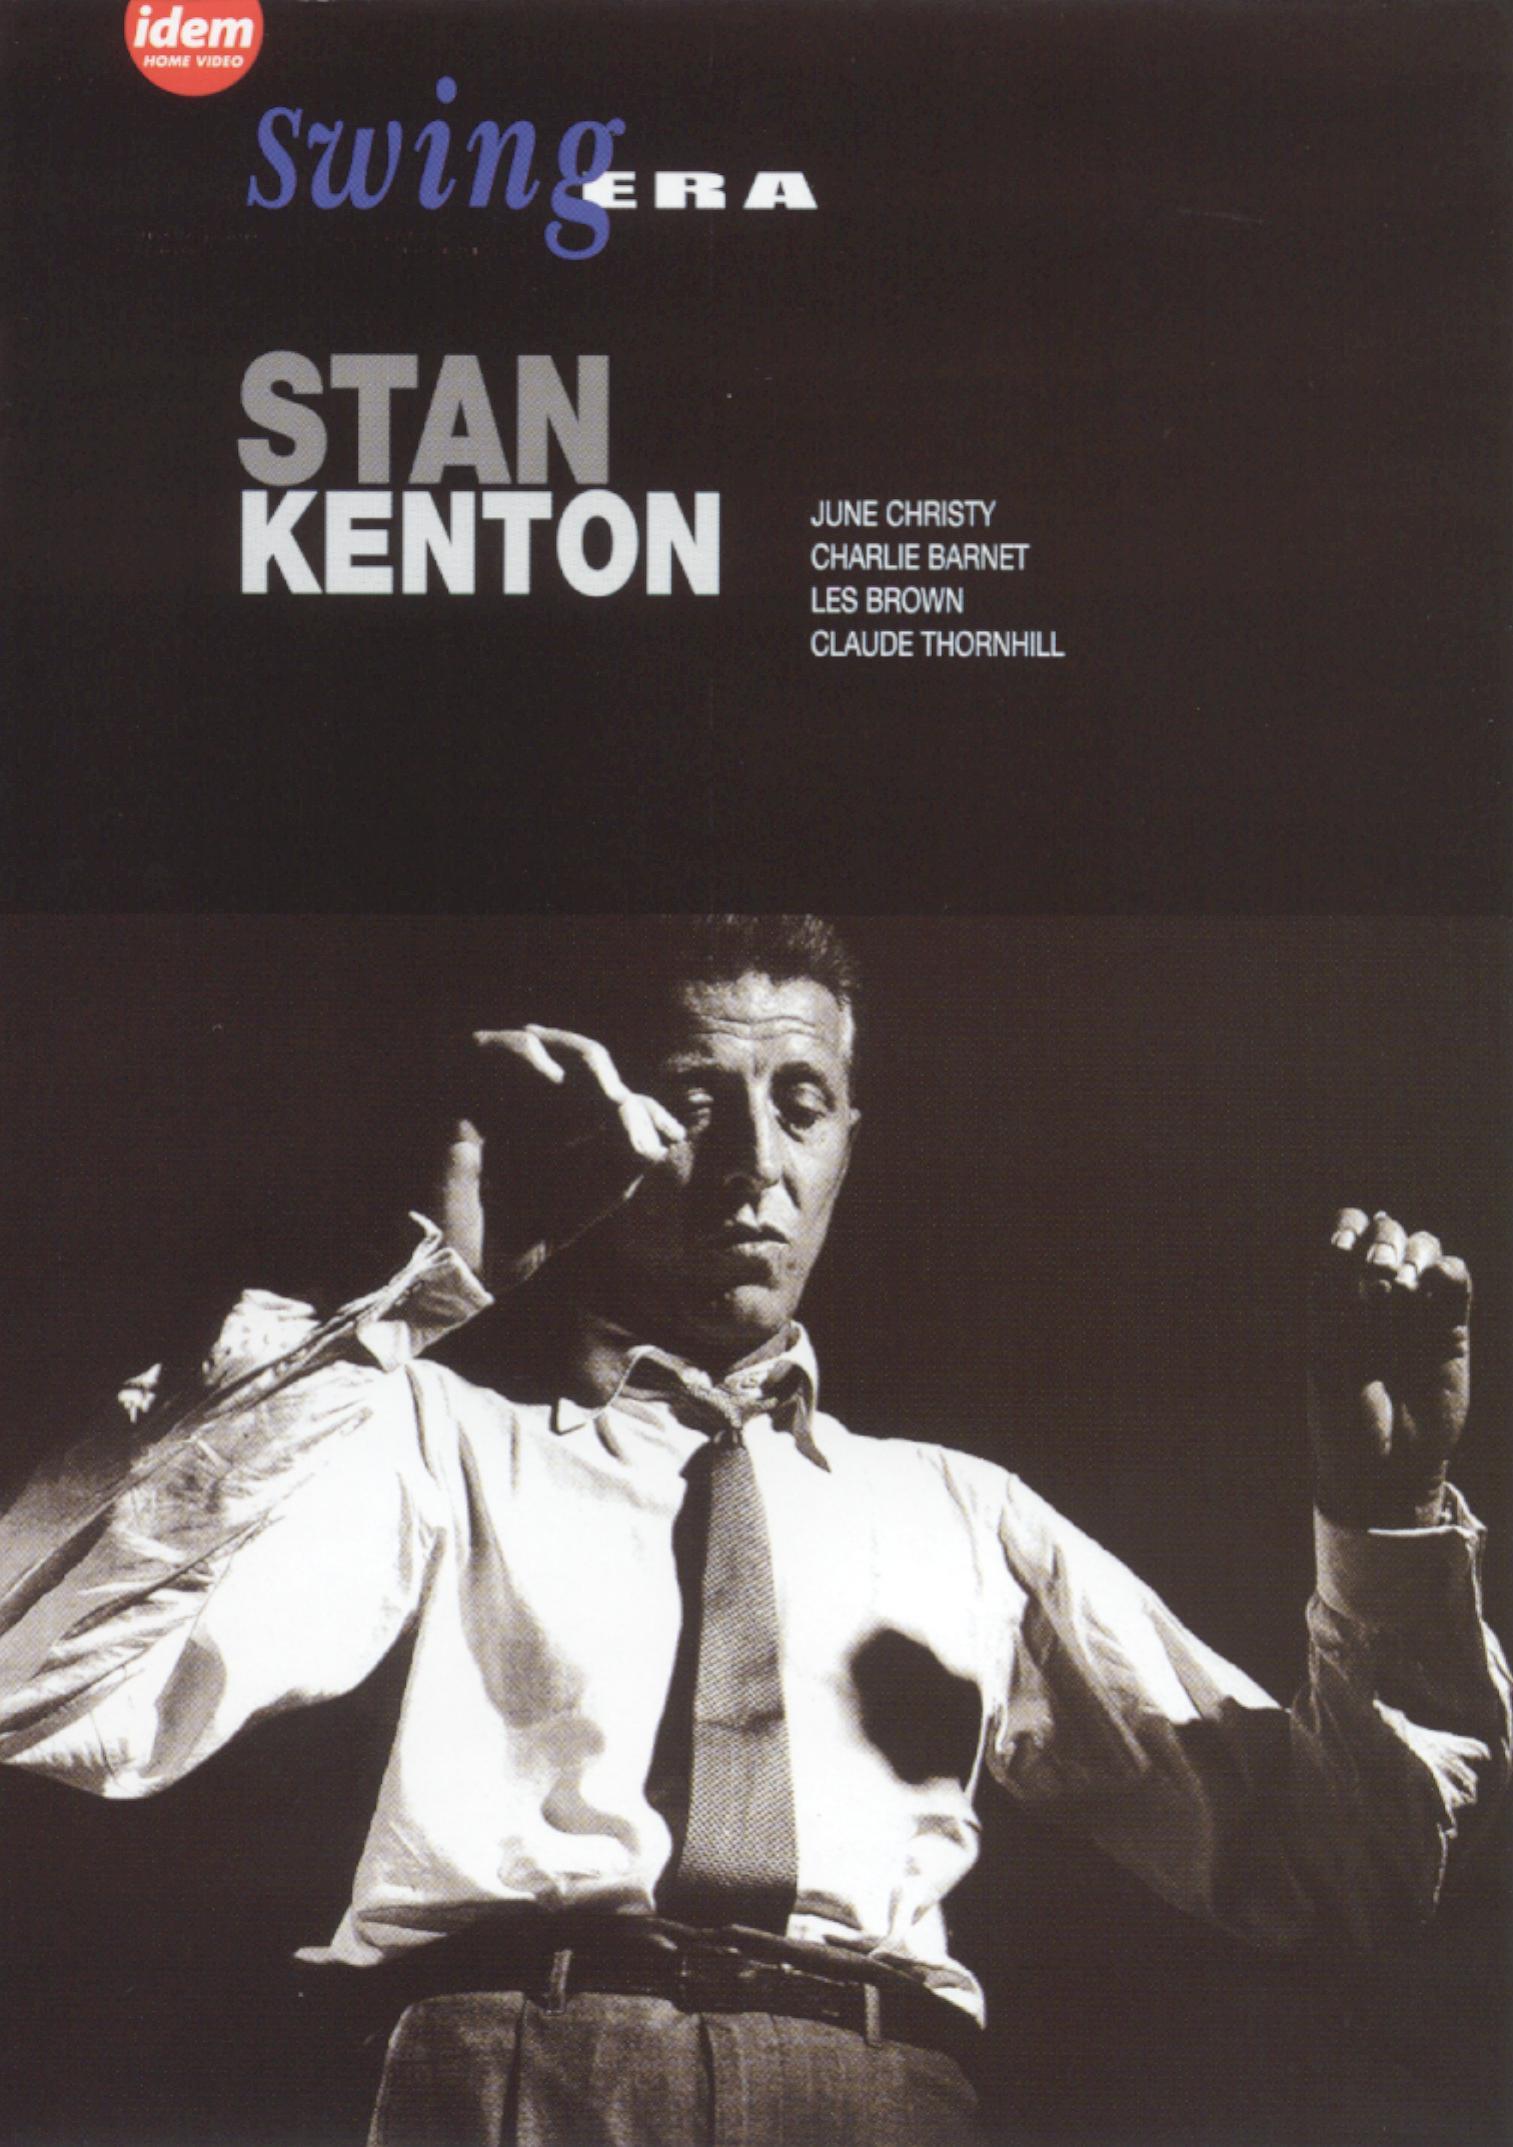 Swing Era: Stan Kenton